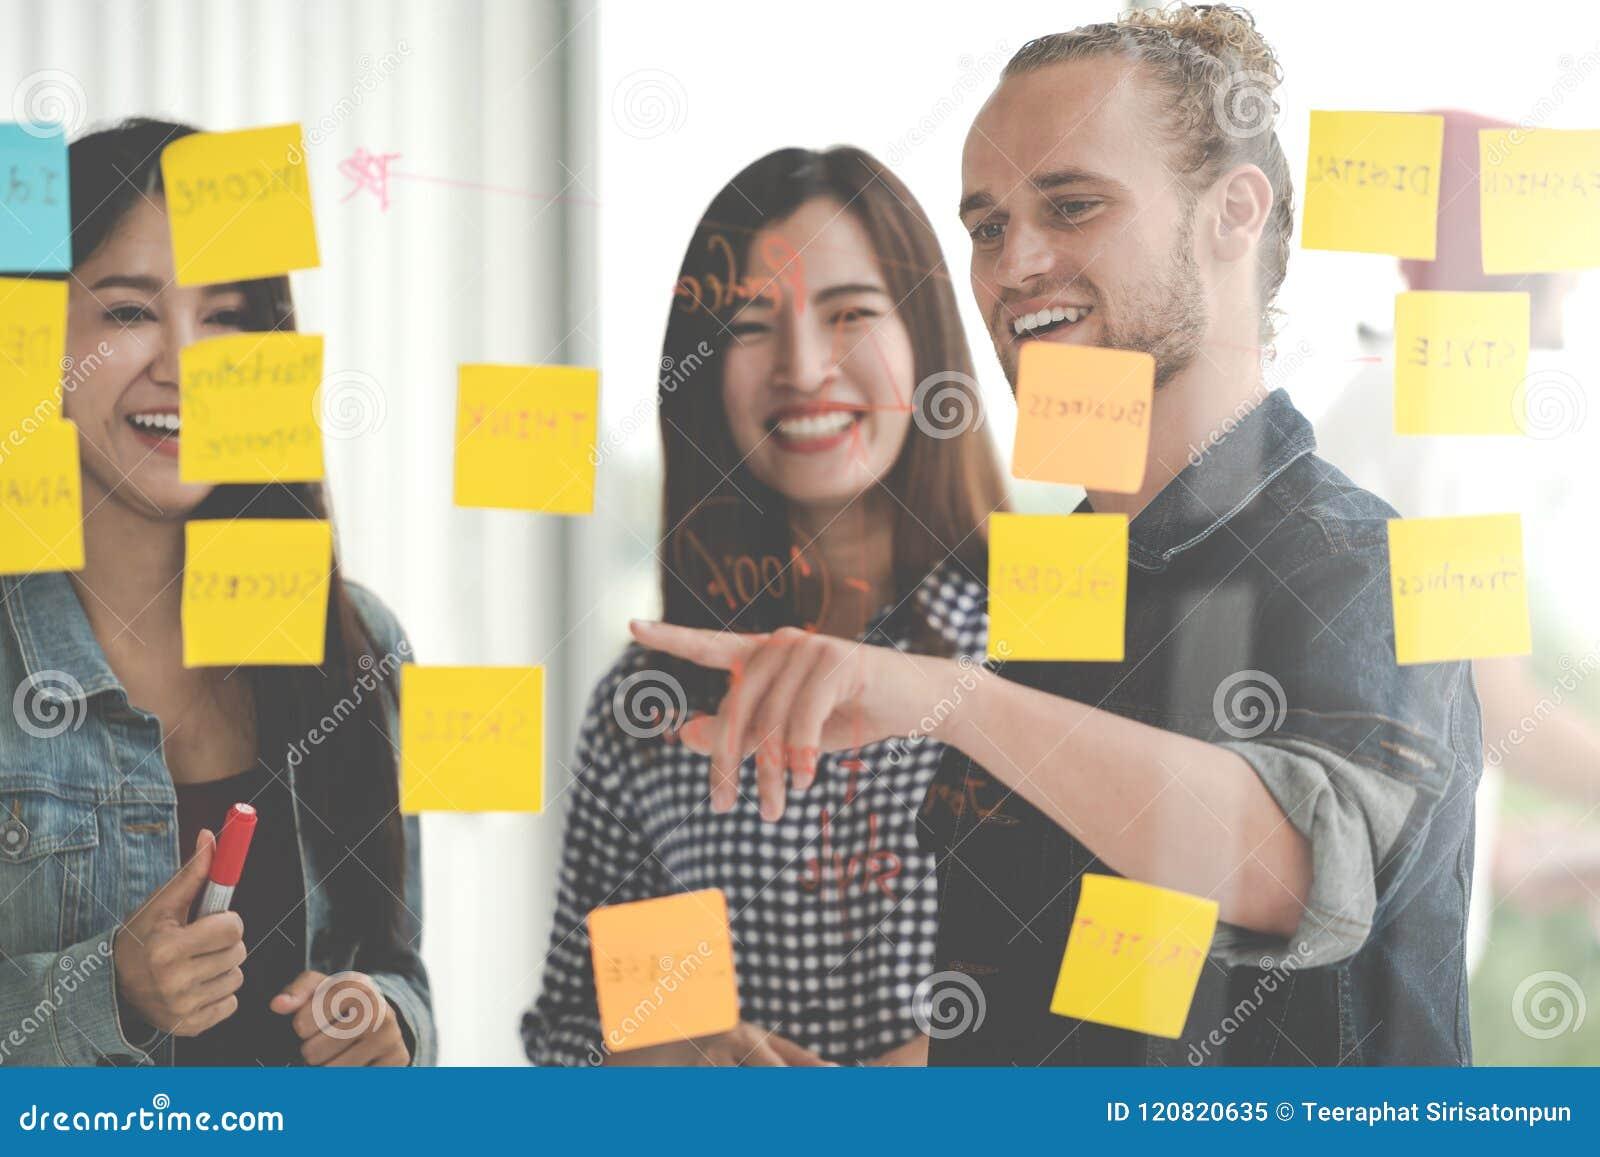 Grupa młody pomyślny kreatywnie wieloetniczny drużynowy uśmiech i brainstorm na projekcie wpólnie w nowożytnym biurze z poczta no